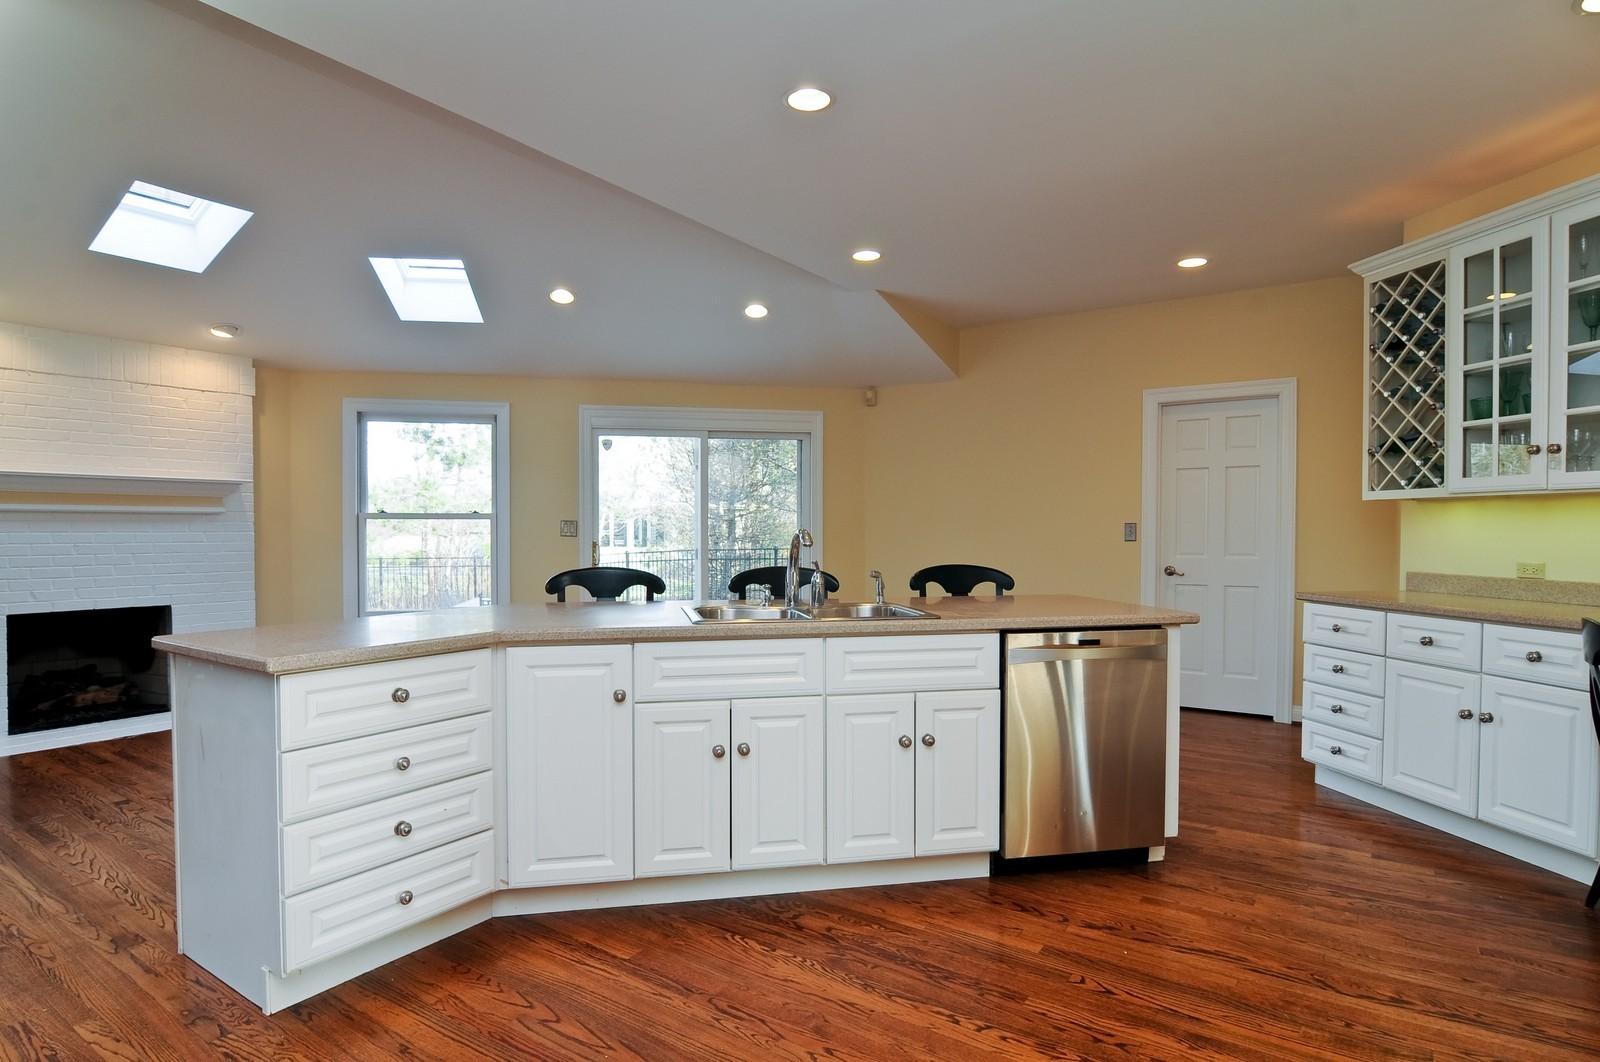 Real Estate Photography - 2091 Trenton, Libertyville, IL, 60048 - Kitchen / Breakfast Room